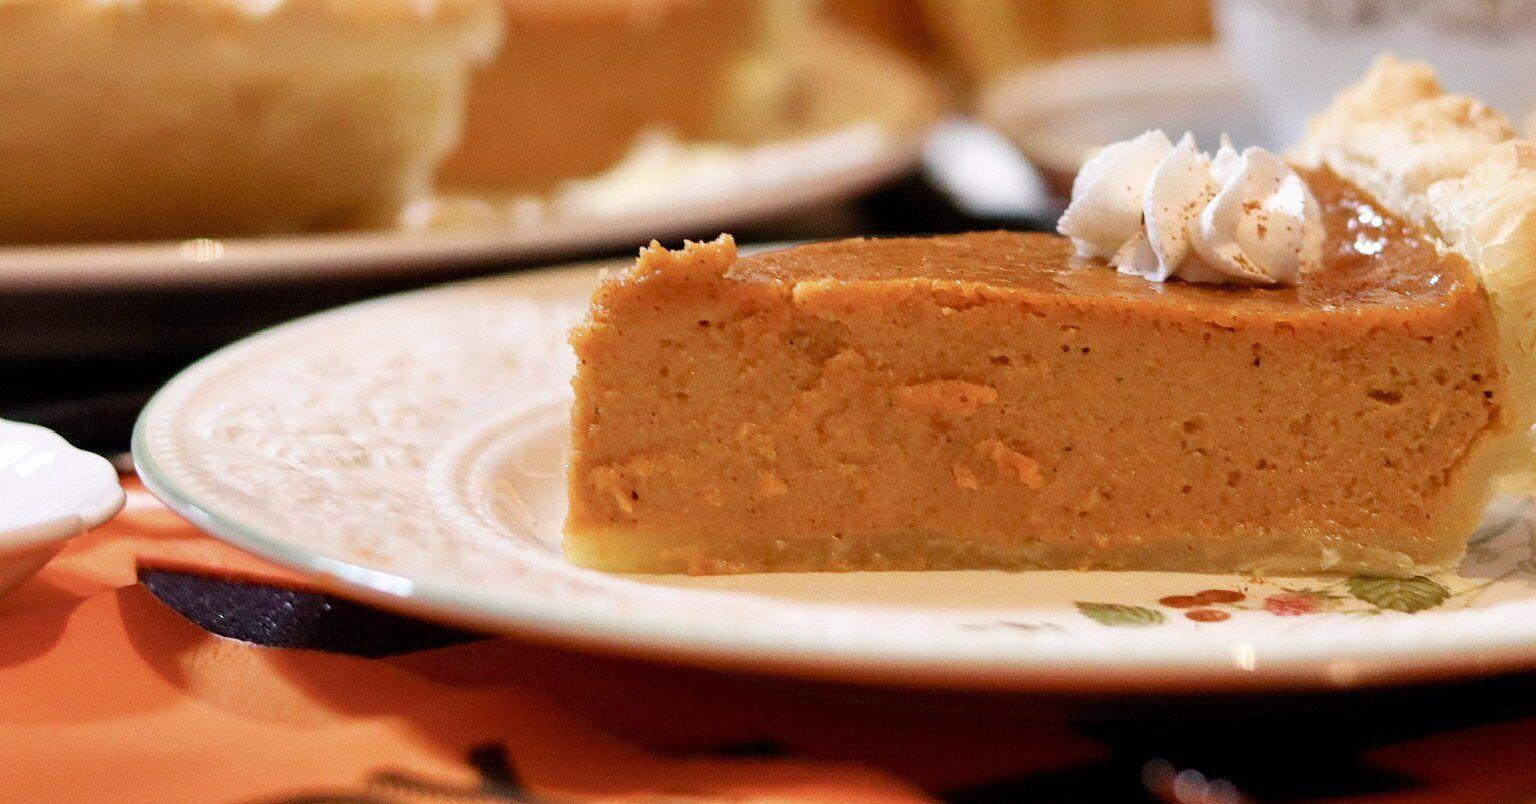 Perfect Pumpkin Pie Recipe In 2020 Perfect Pumpkin Pie Pumpkin Pie Pumpkin Pie Recipes